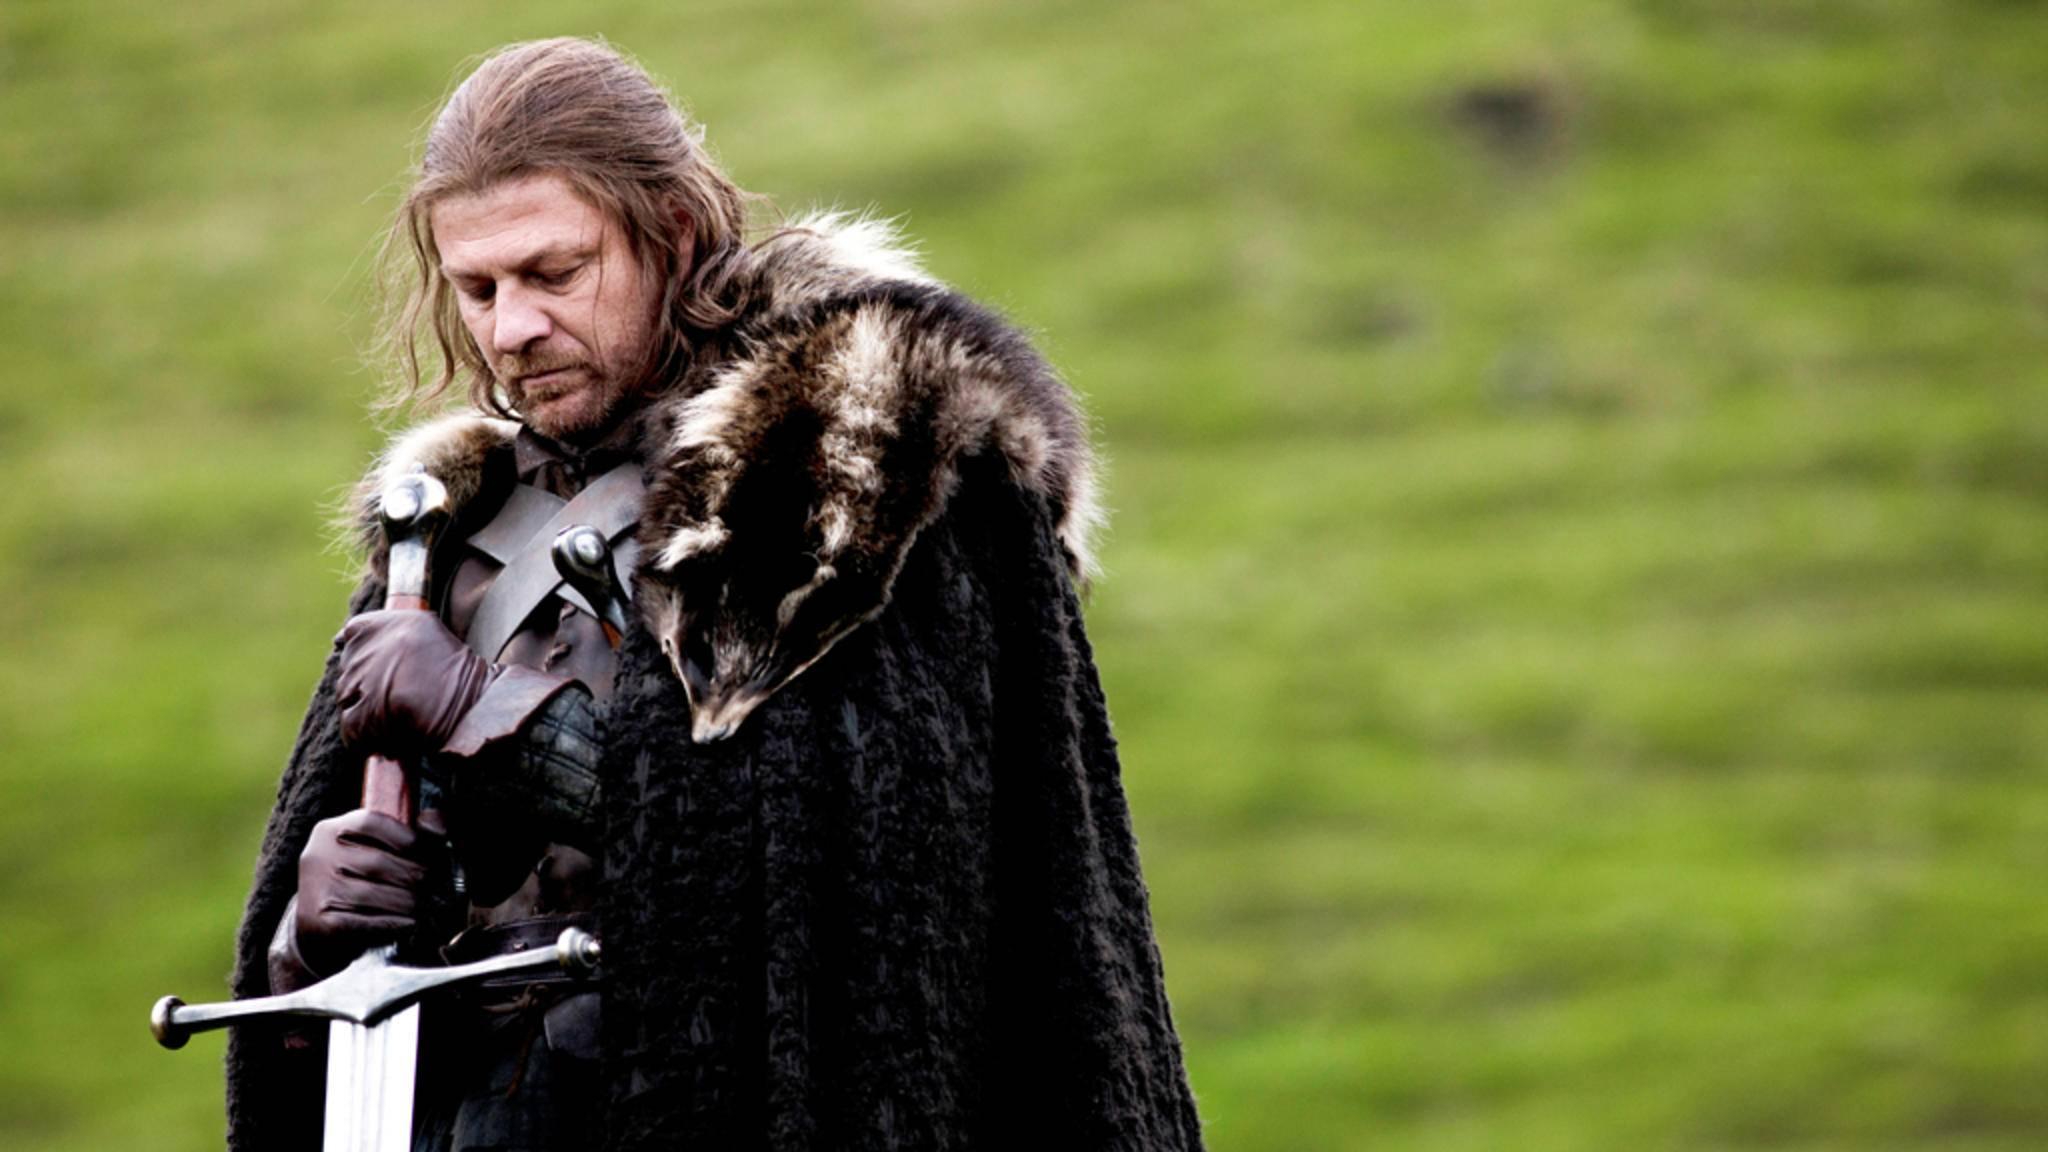 Von Ned Stark mussten wir uns eigentlich schon in Staffel 1 verabschieden ... eigentlich.